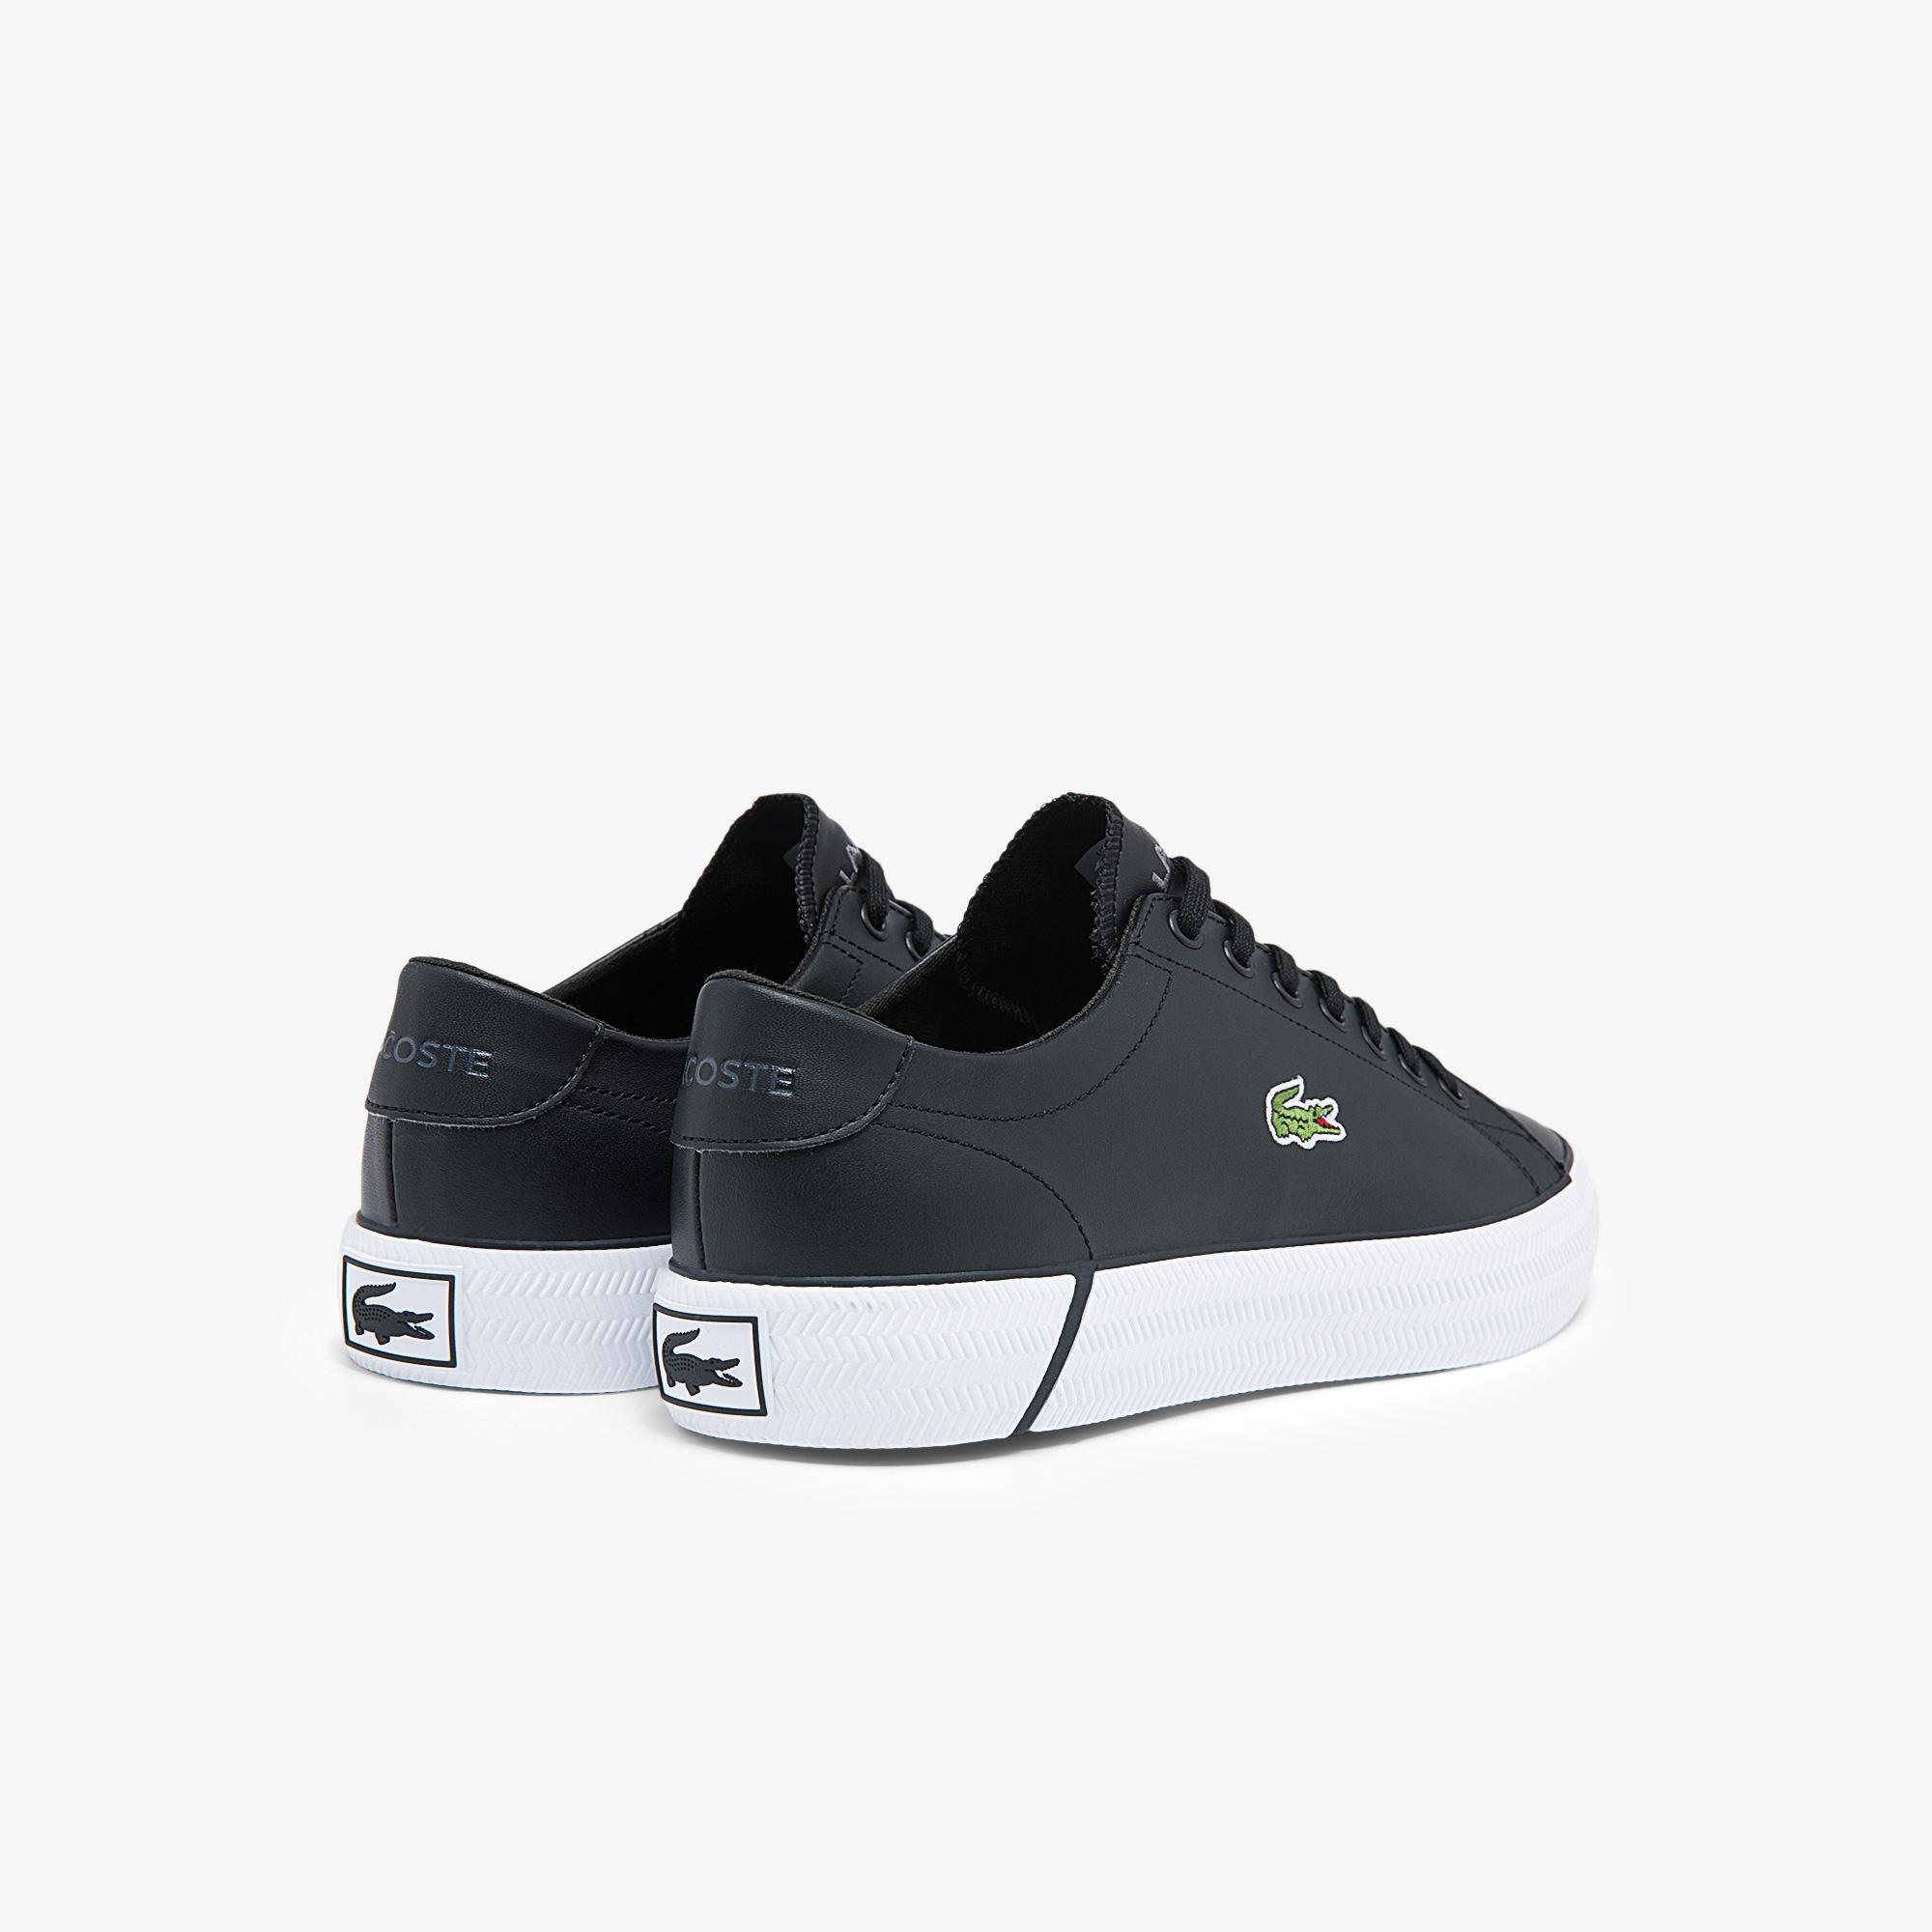 Lacoste Gripshot Bl21 1 Cma Erkek Deri Siyah - Beyaz Sneaker